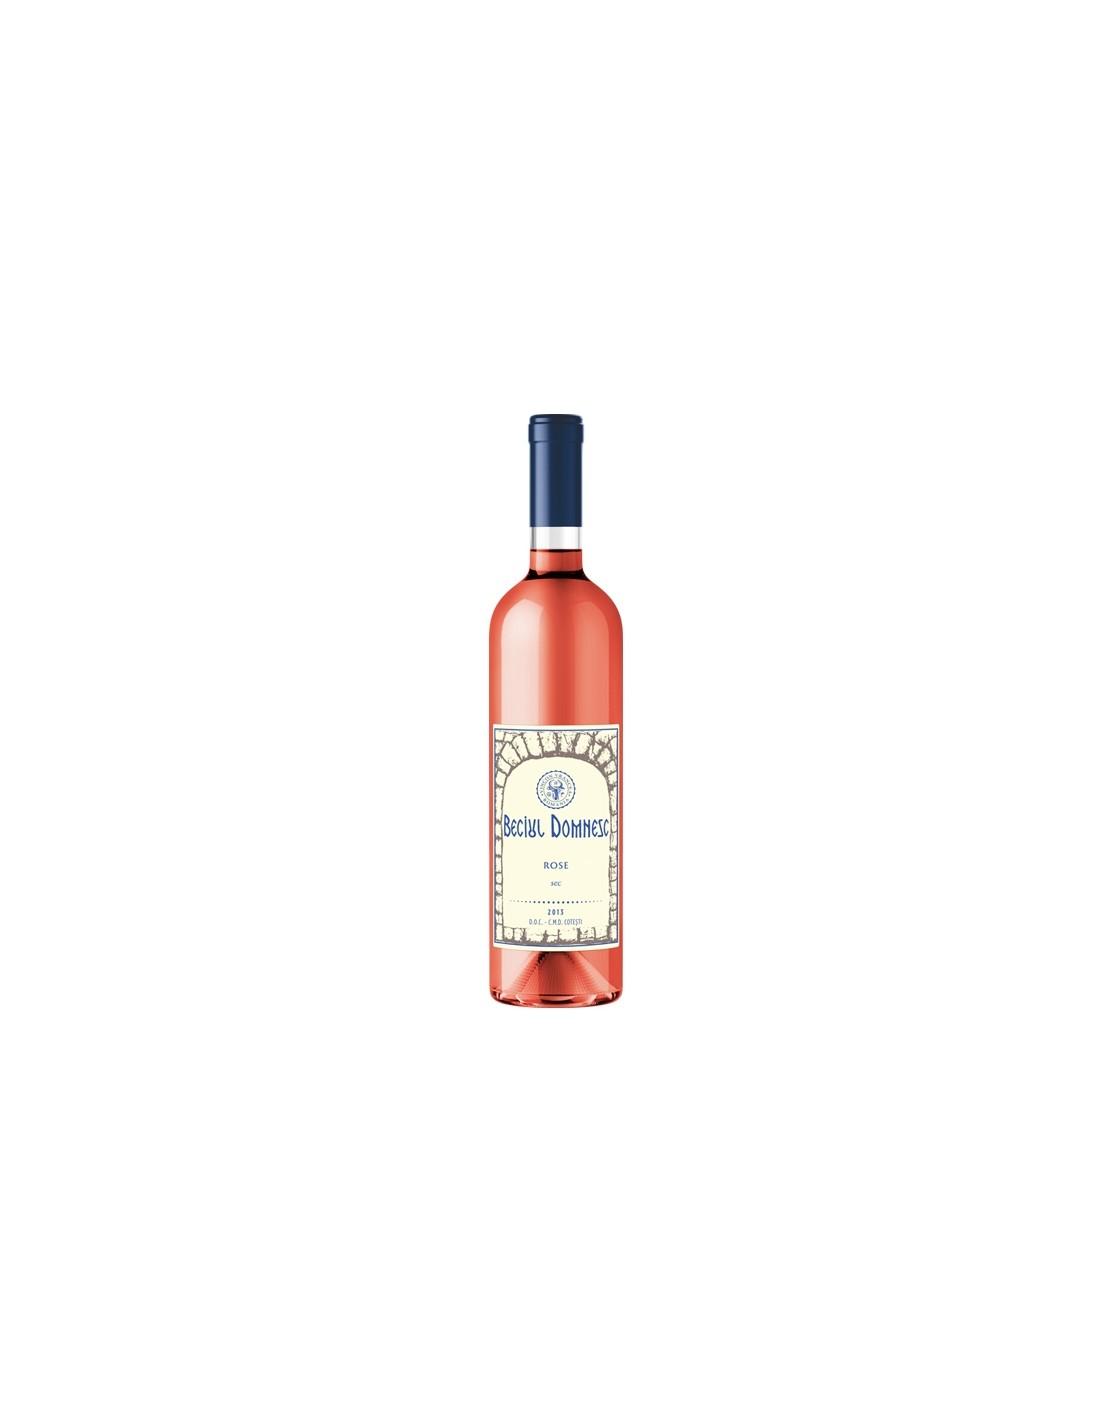 Vin roze sec, Beciul Domnesc Husi, 0.75L, 13% alc., Romania